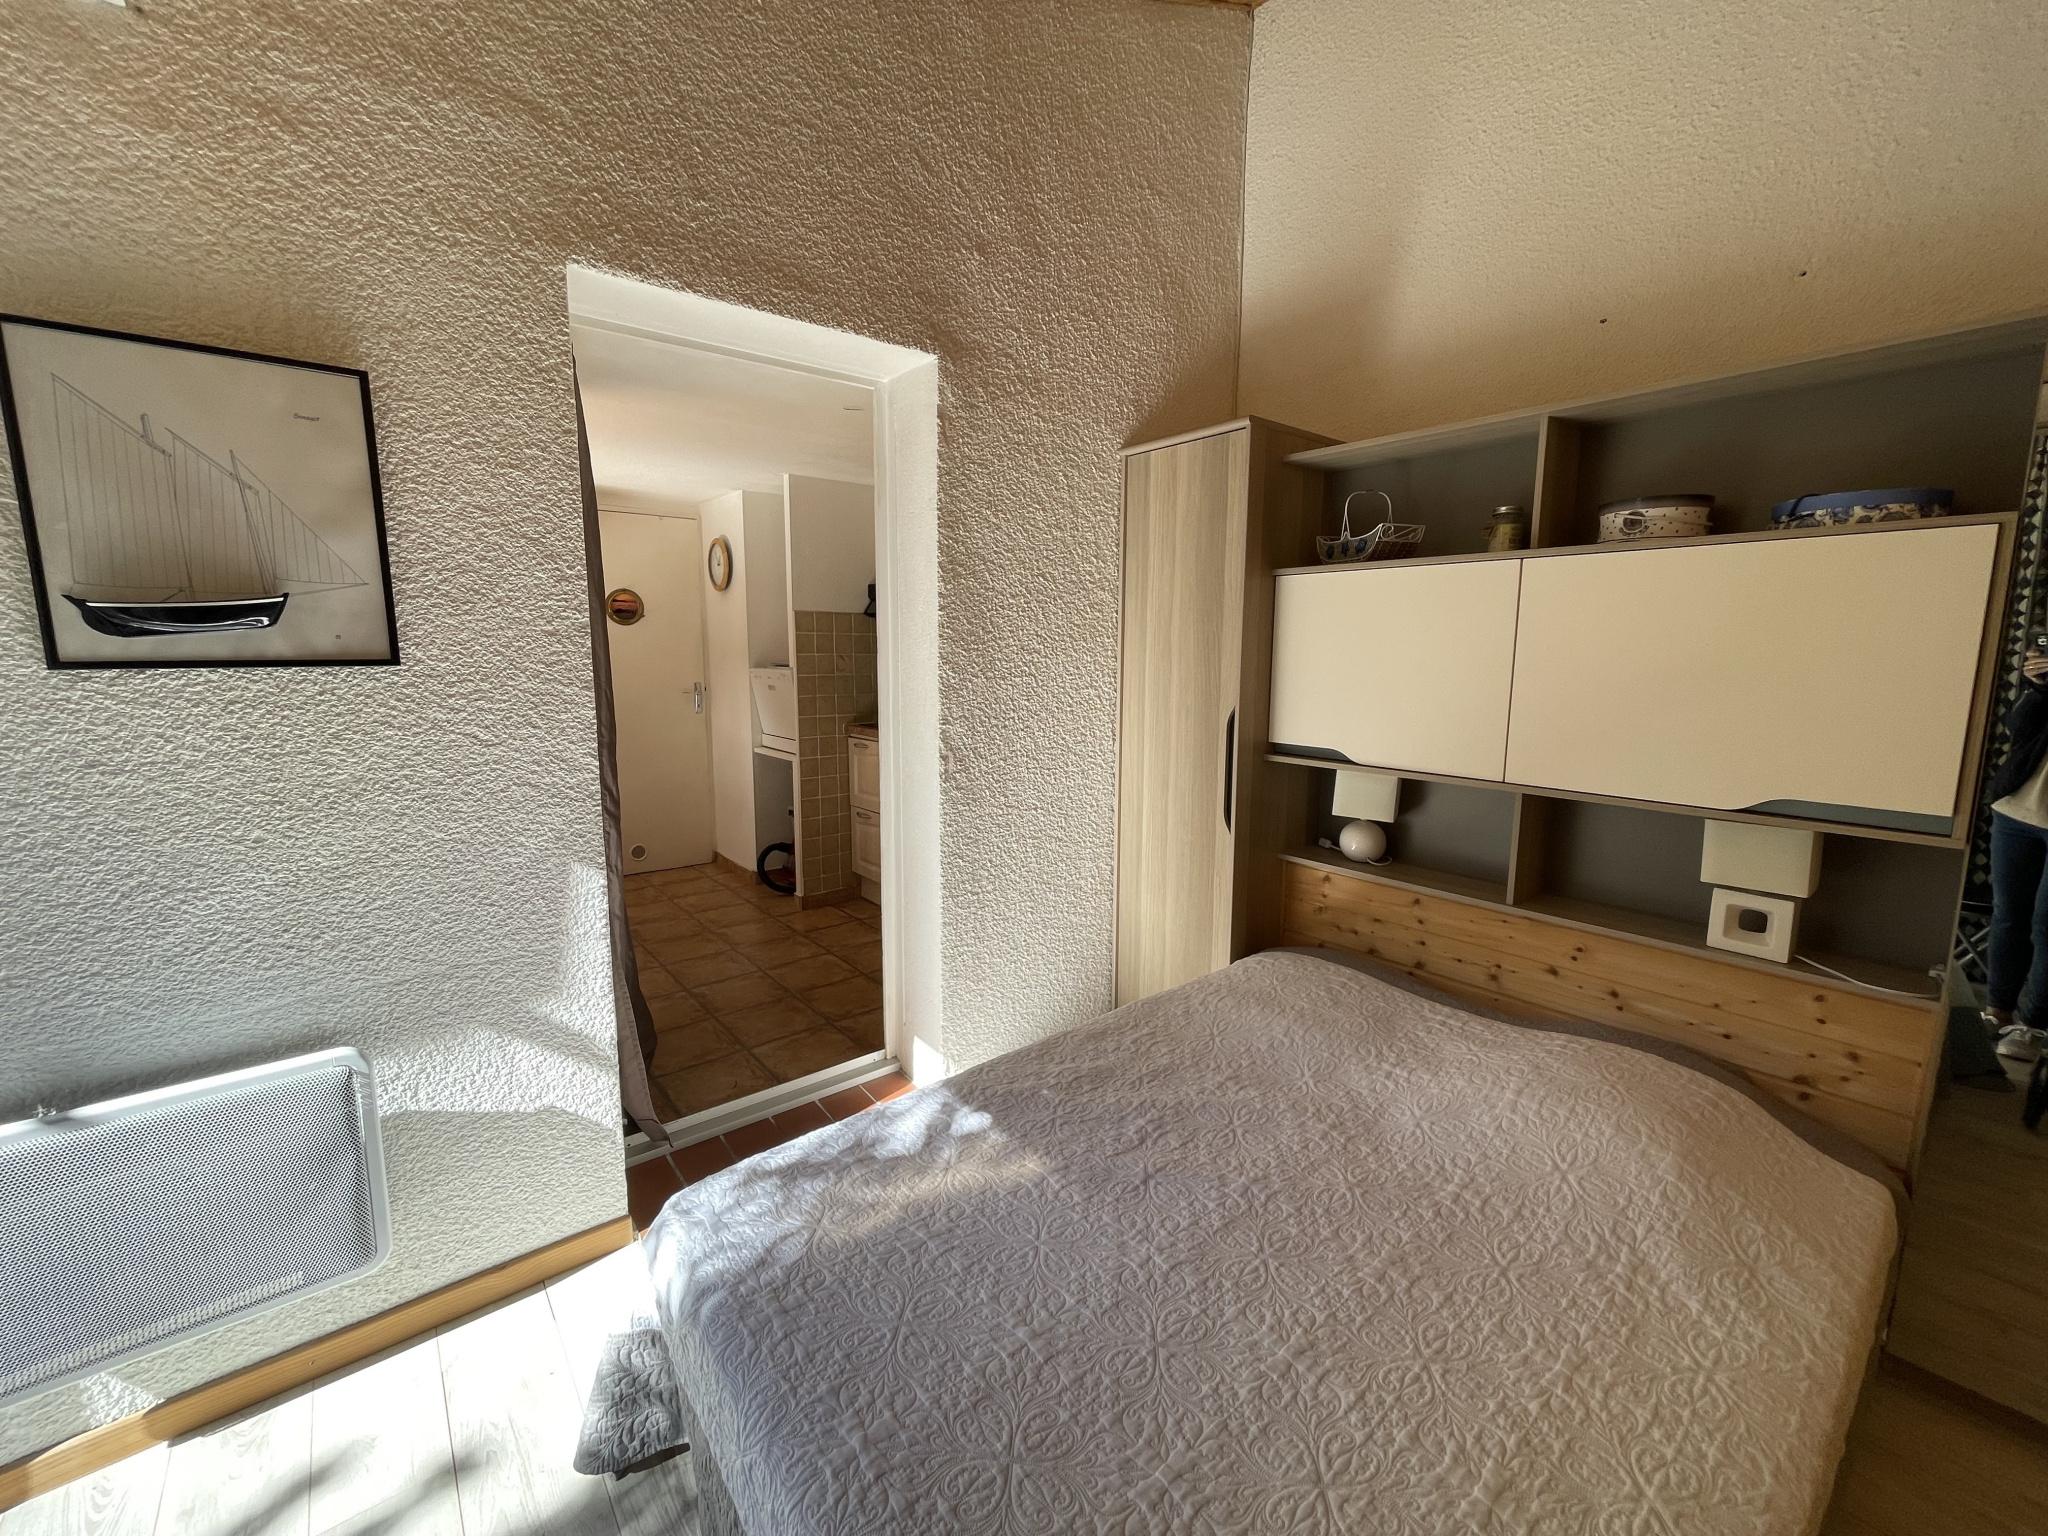 À vendre maison/villa de 44m2 à argeles plage (66700) - Photo 17'